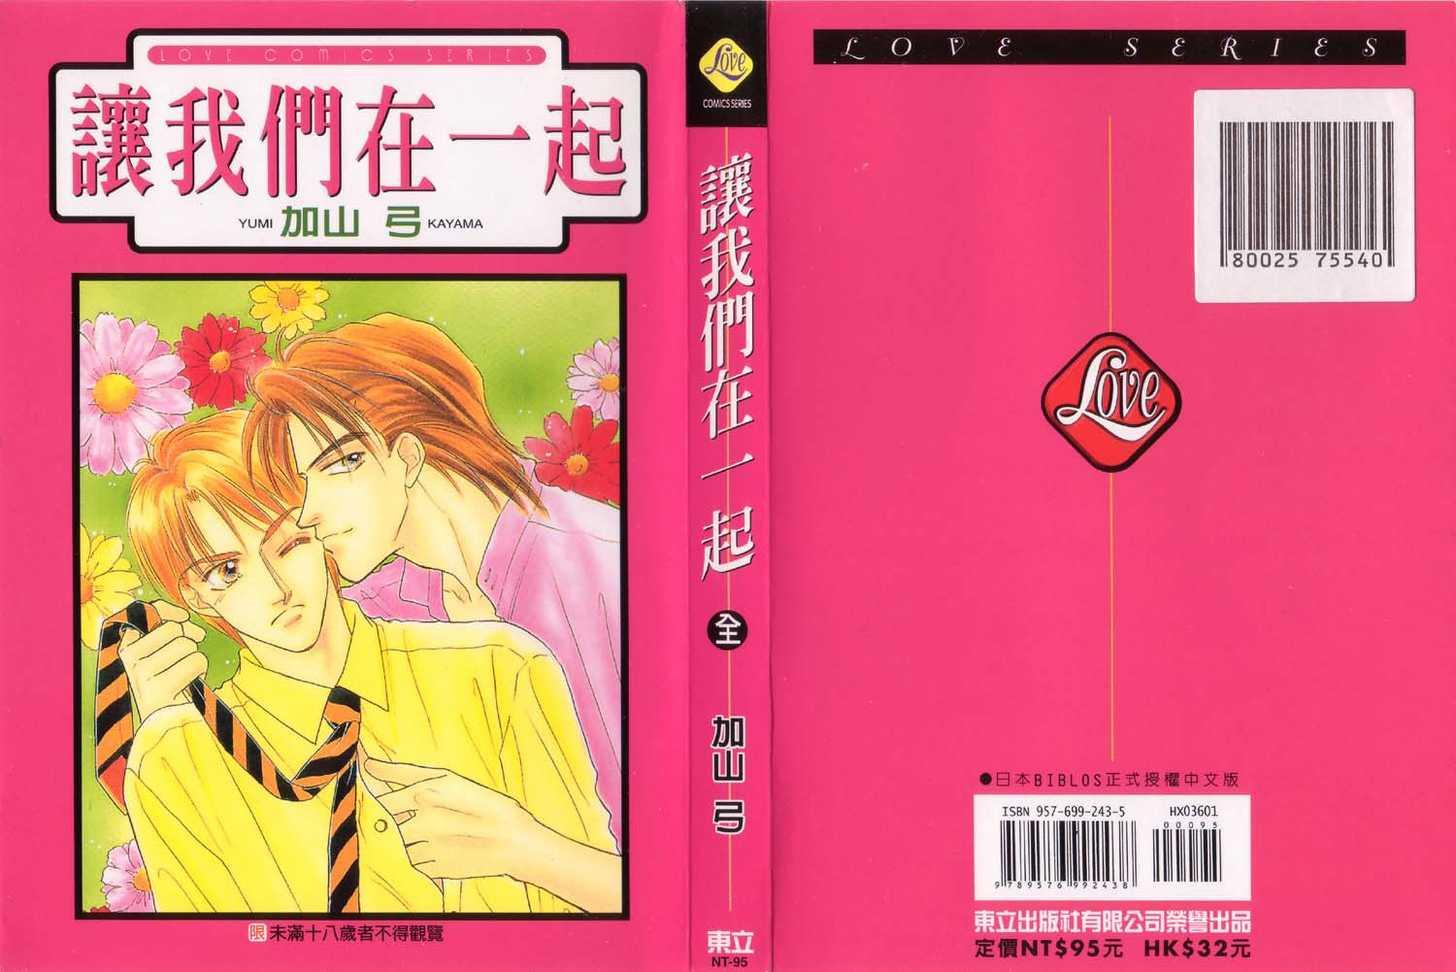 Soshite Boku wa Tohou ni Kureru 1 Page 1